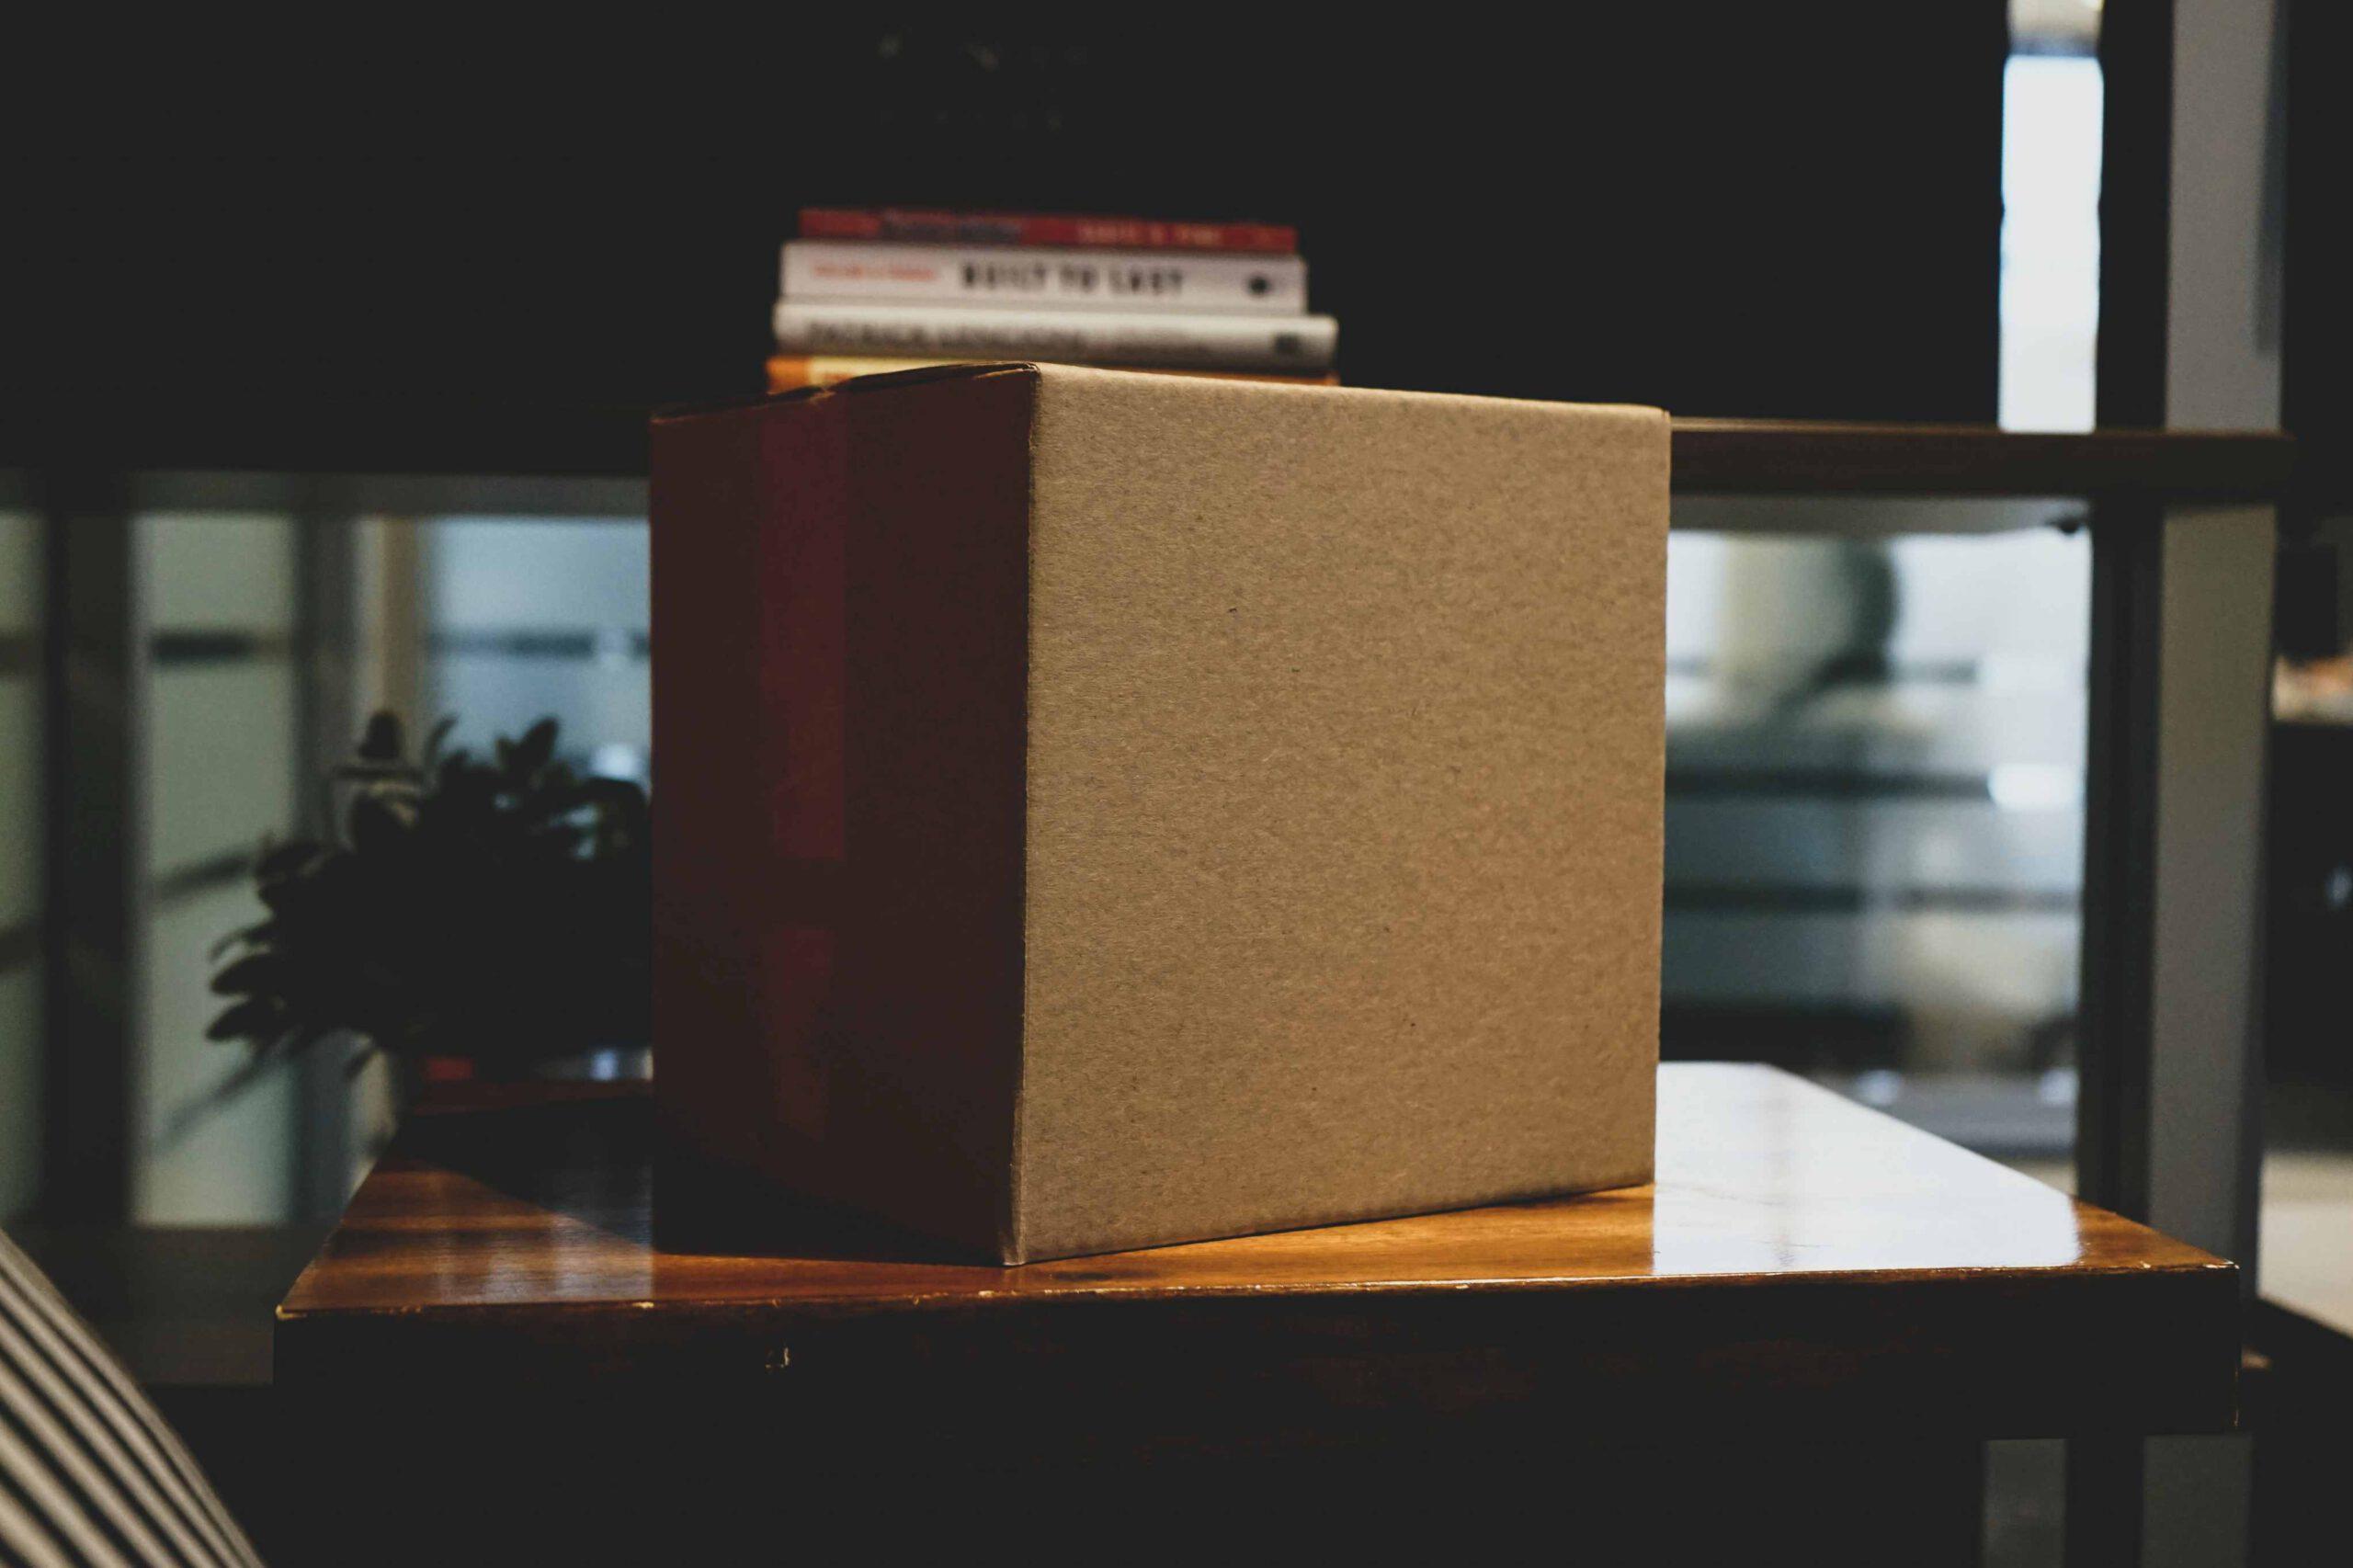 Kartonnen dozen van de Dozenhal